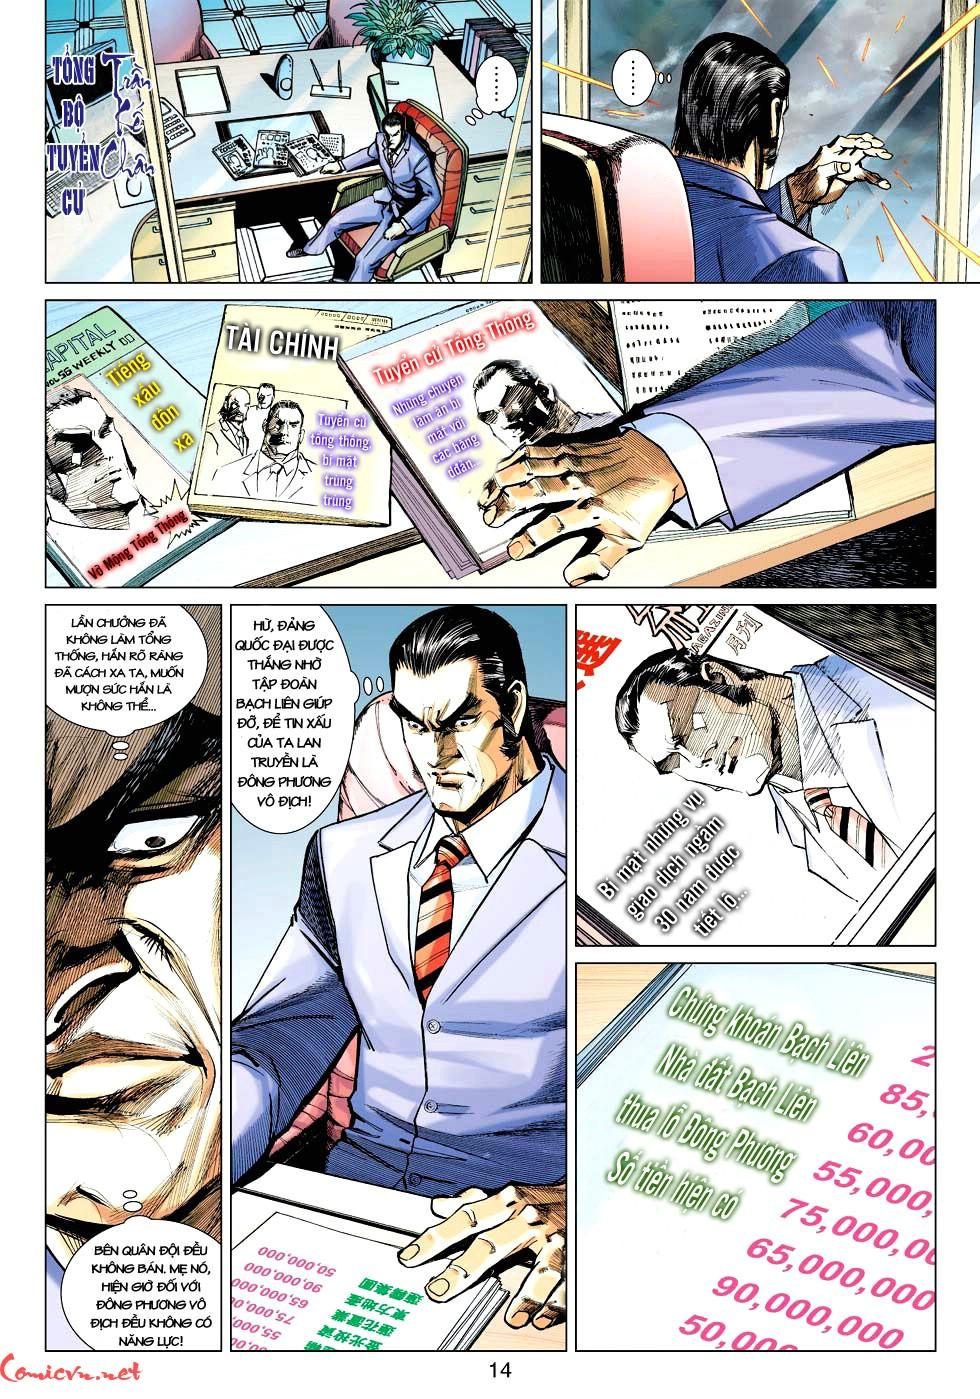 Vương Phong Lôi 1 chap 30 - Trang 12